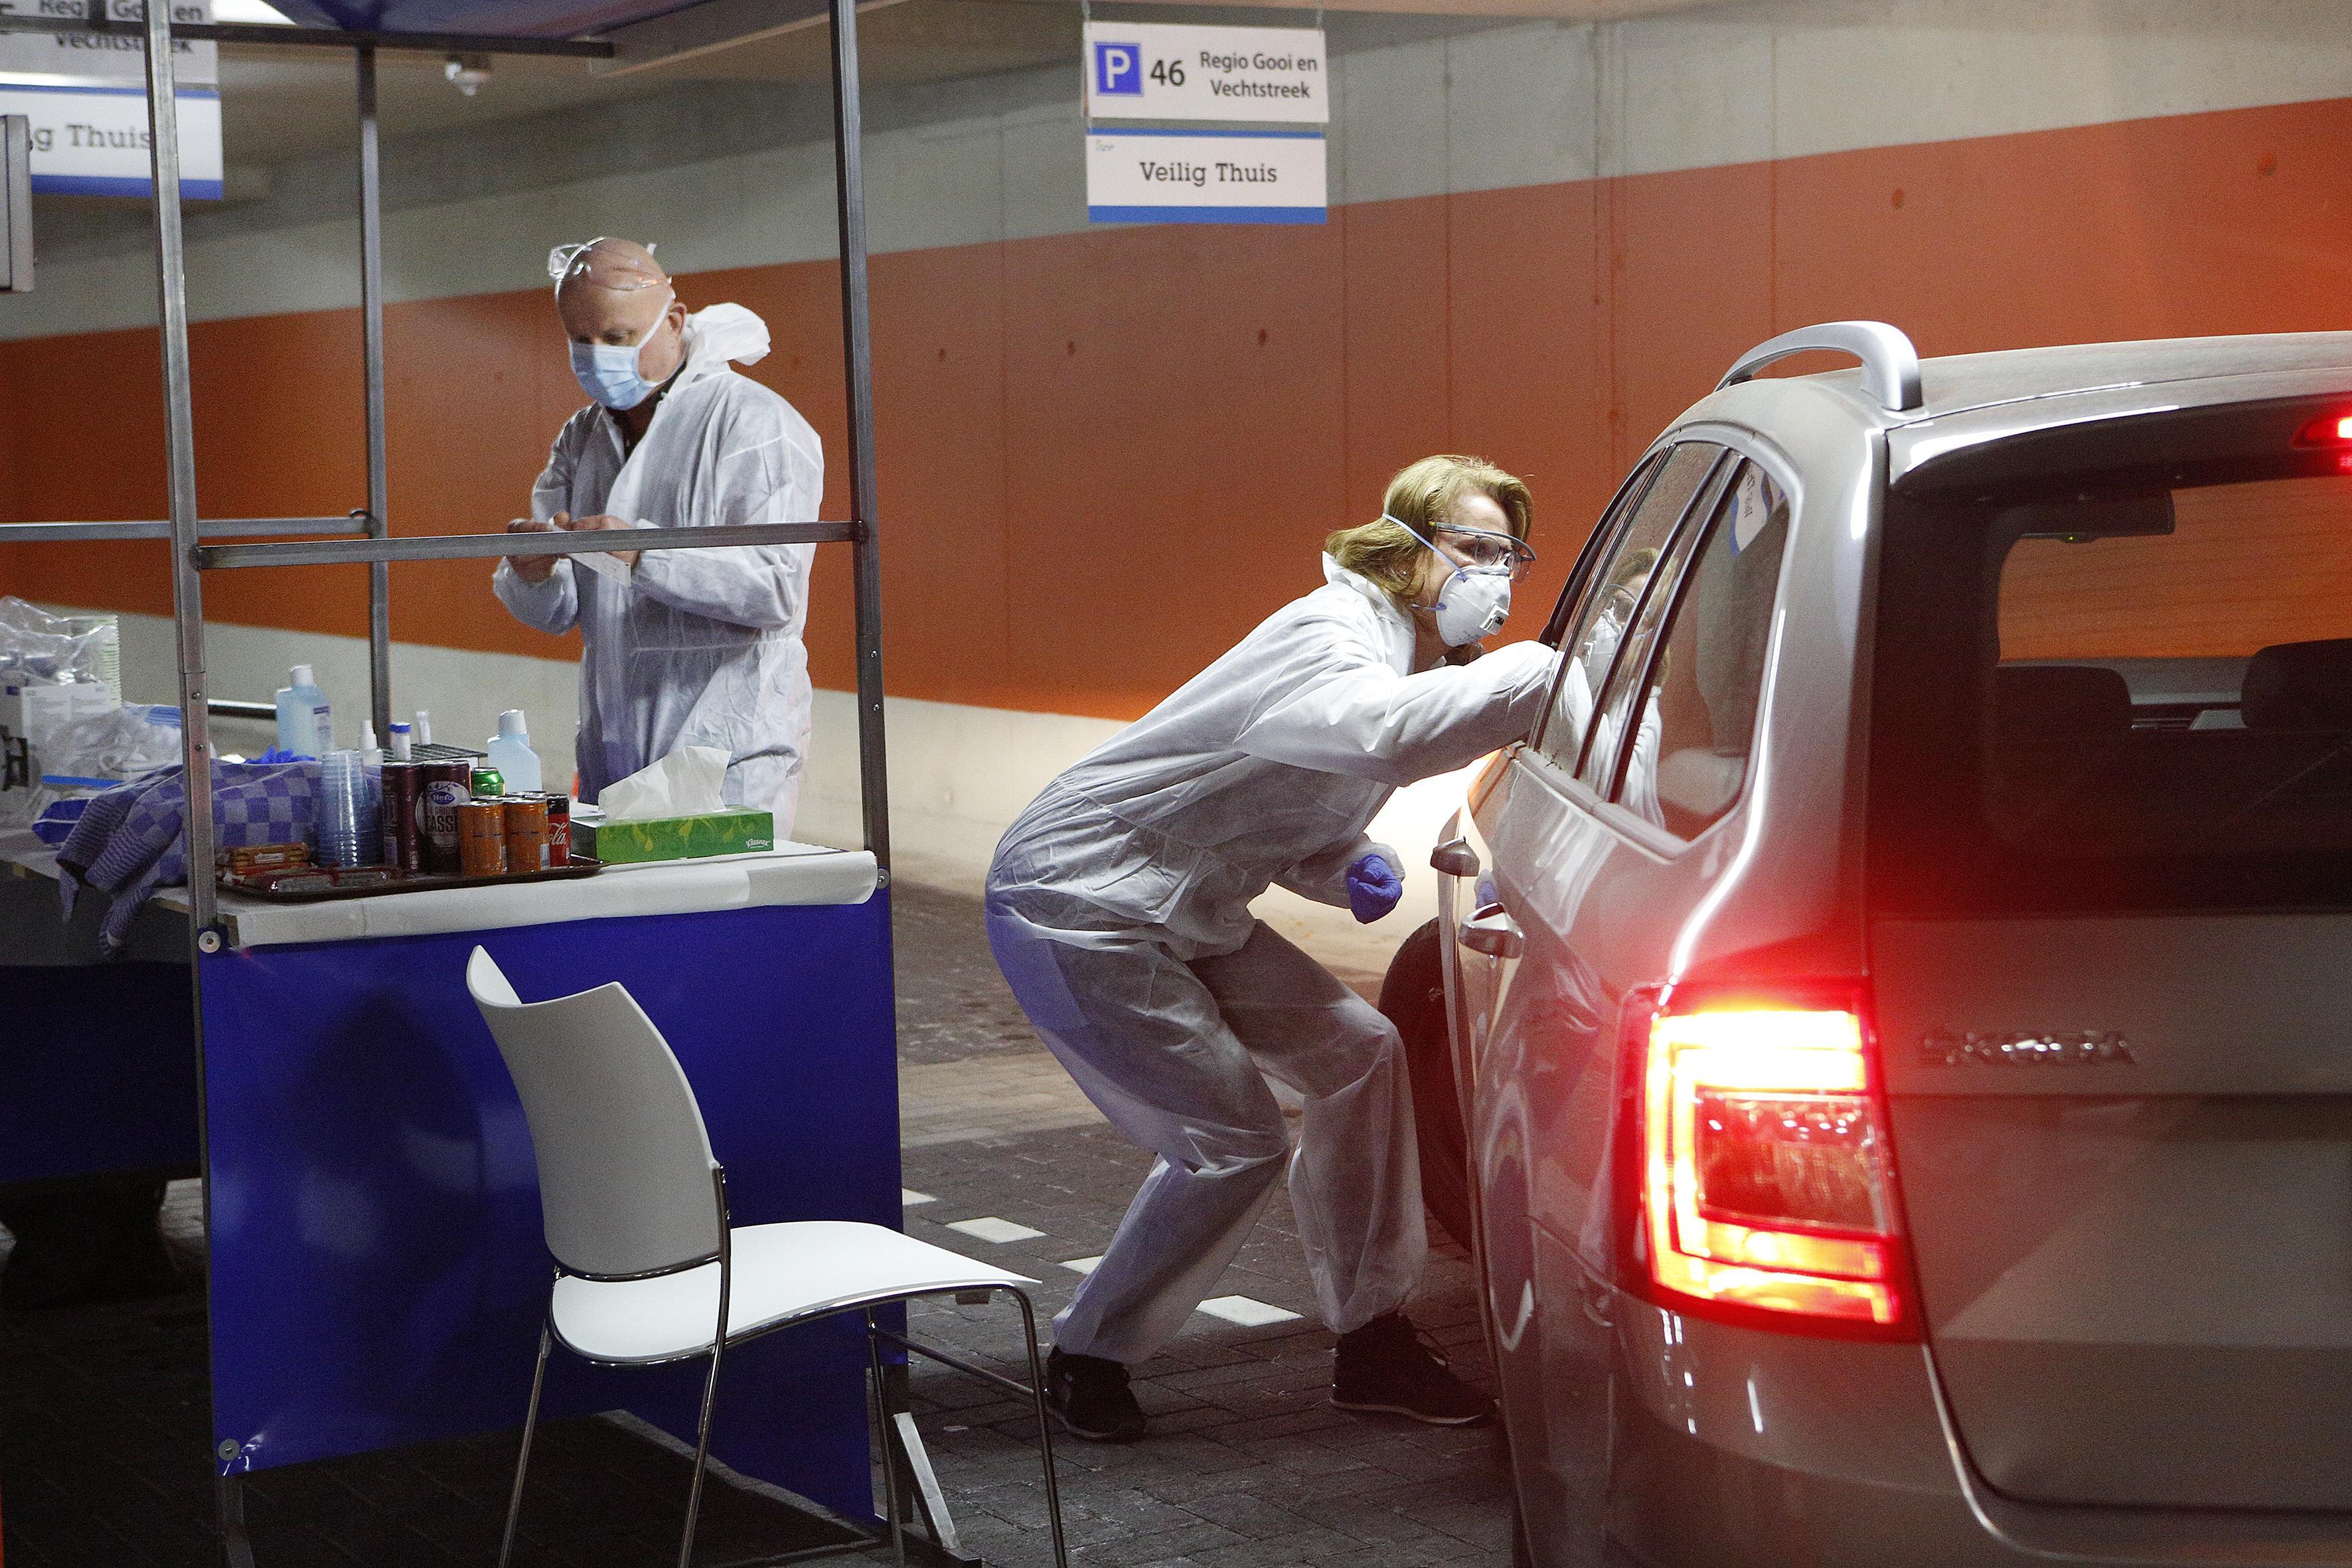 Bijna een kwart van het getest zorgpersoneel in het Gooi is besmet met coronavirus, blijkt uit eerste test van GGD